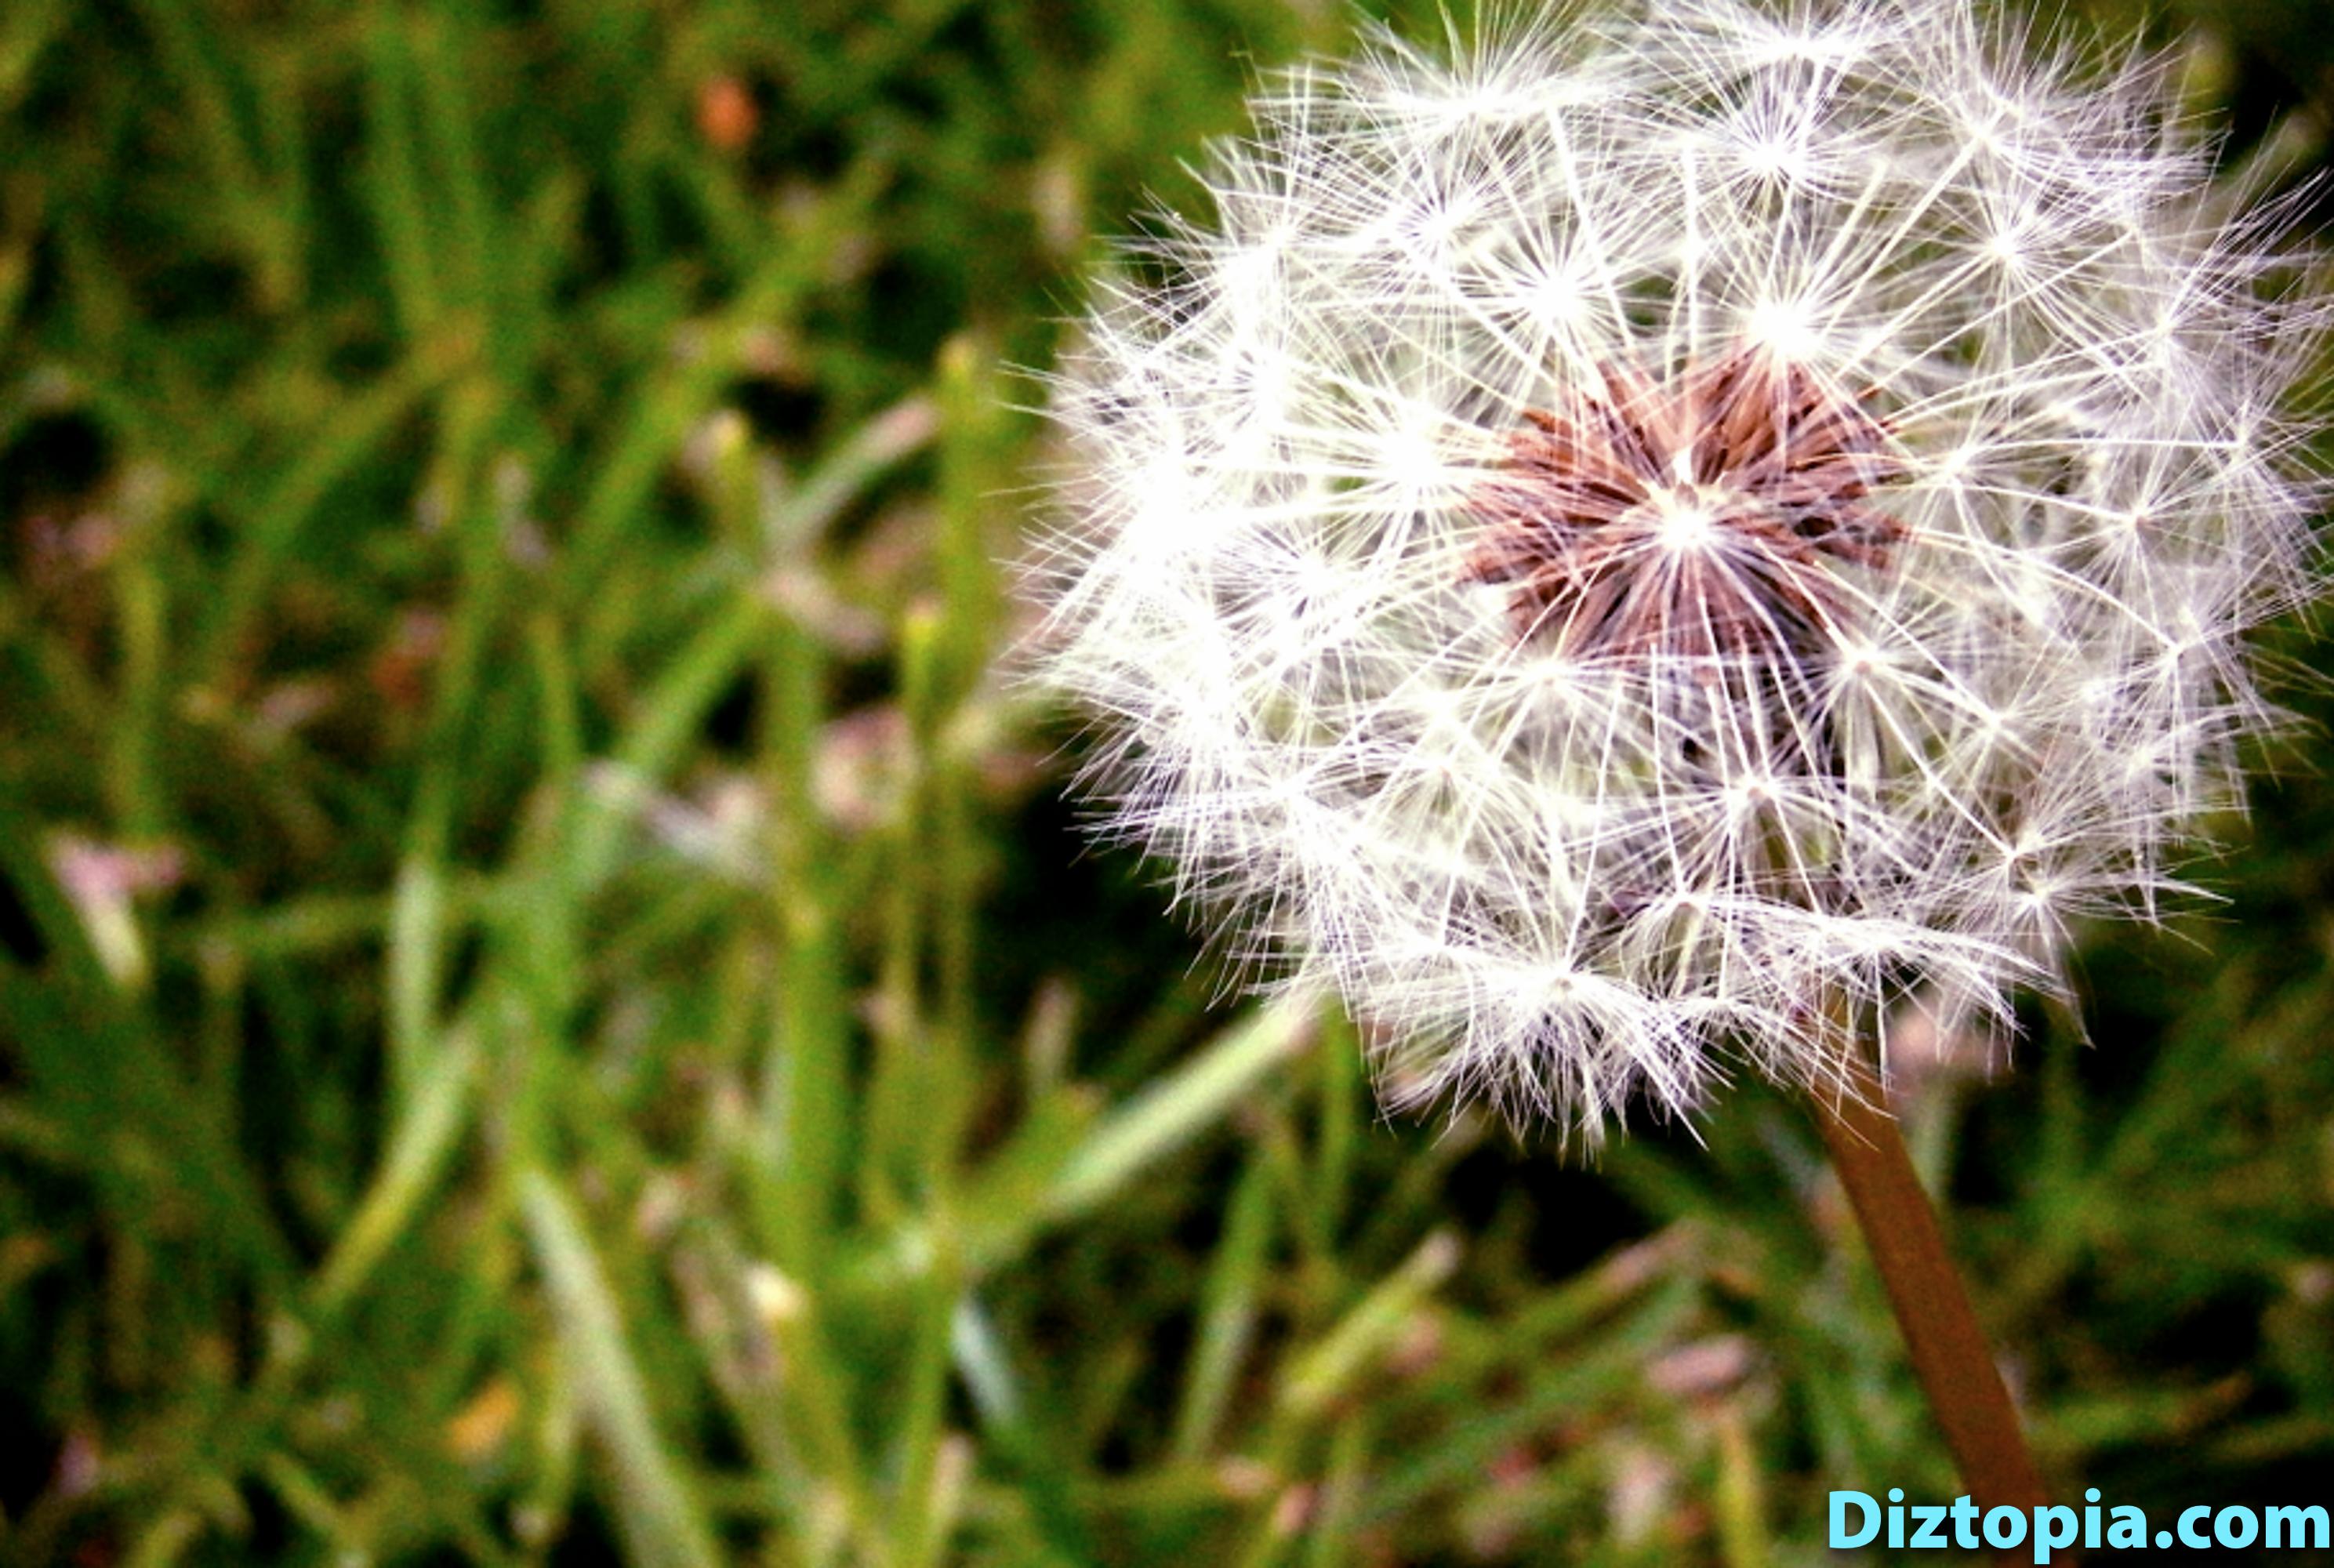 diztopia-com-dizma_dahl-photography-digicam-2